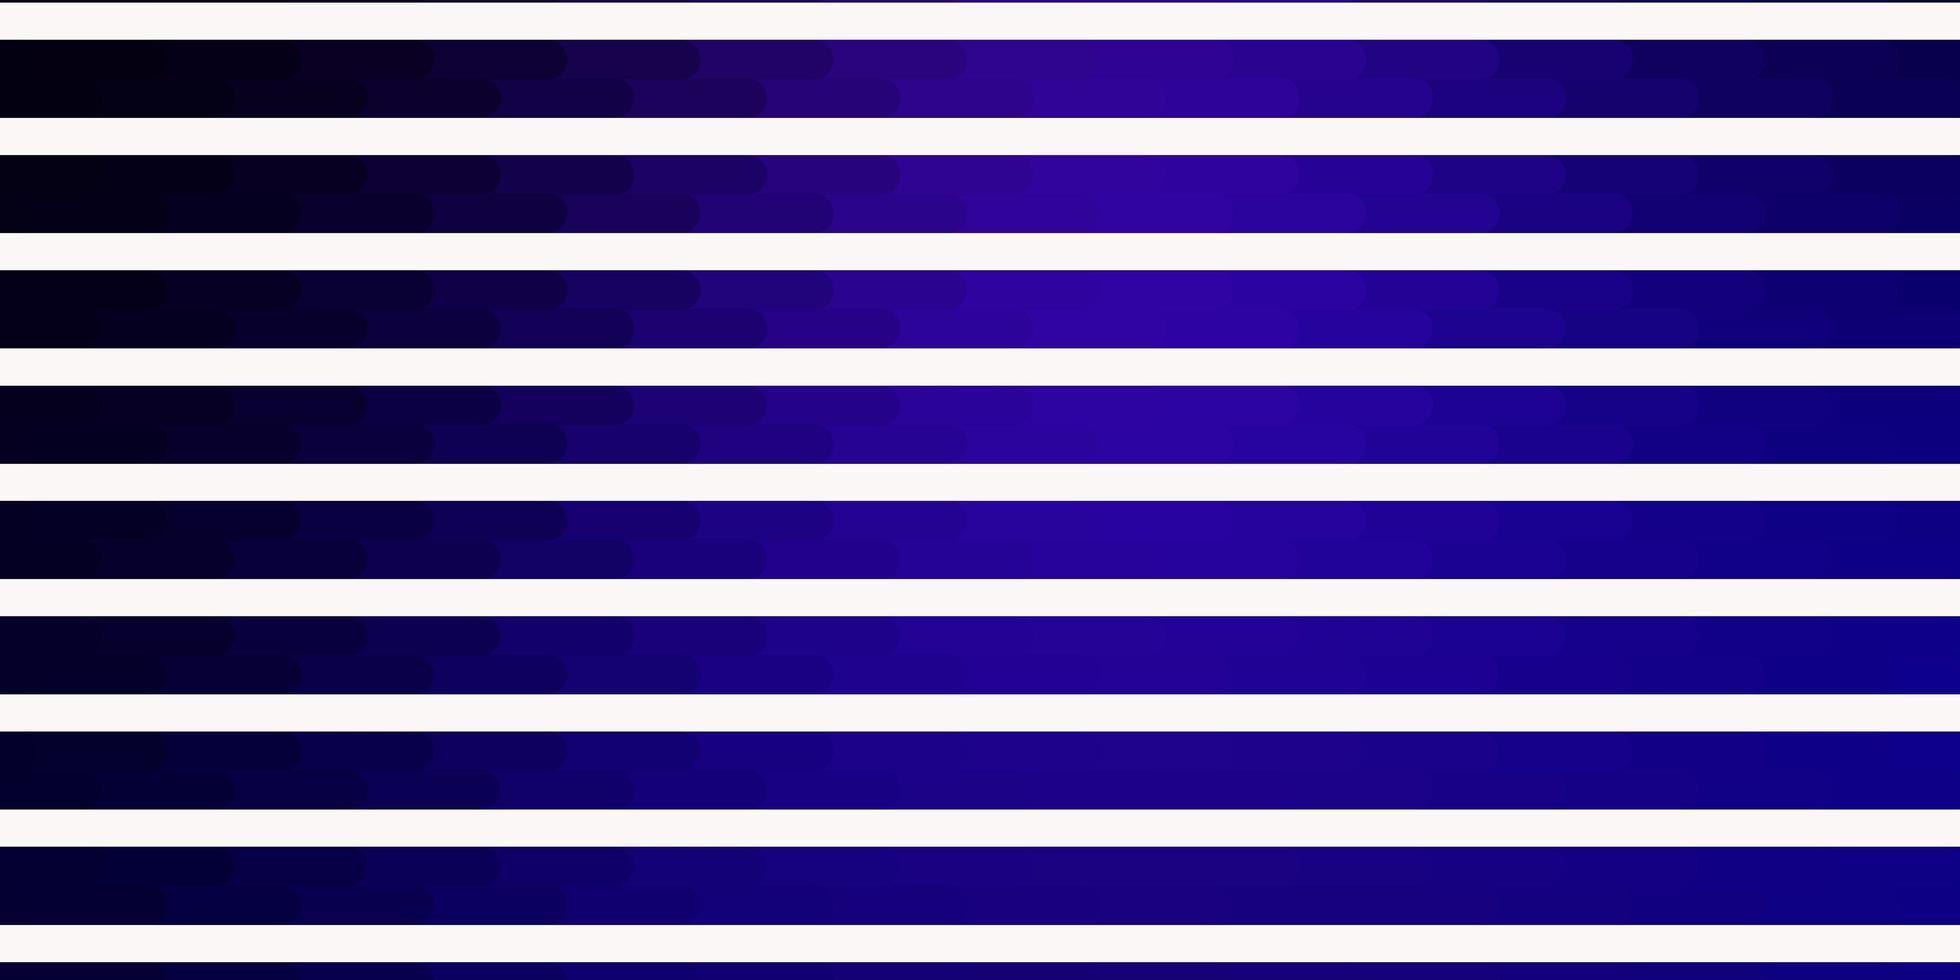 Fondo de vector púrpura oscuro con líneas.